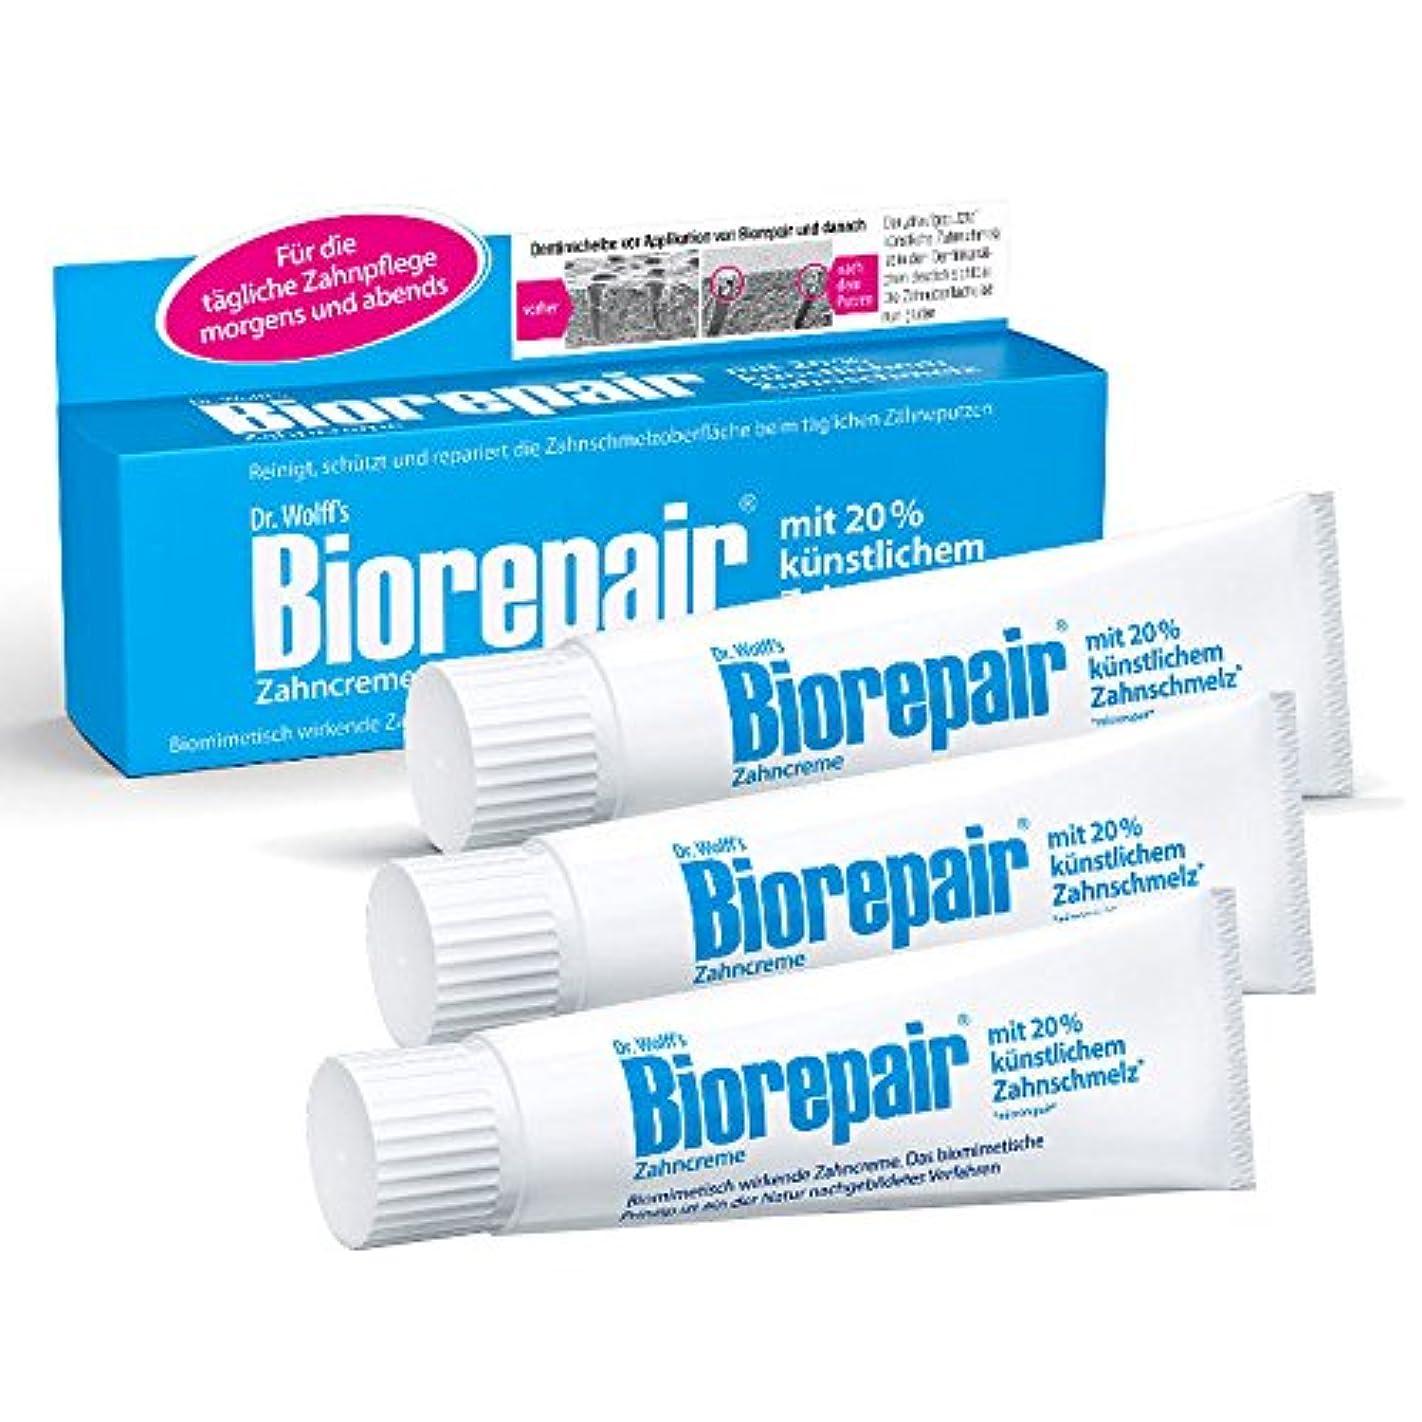 表示最適値下げBiorepair 歯磨き粉オリジナル、75ml 歯の保護 耐摩耗性 x 3 [並行輸入品]